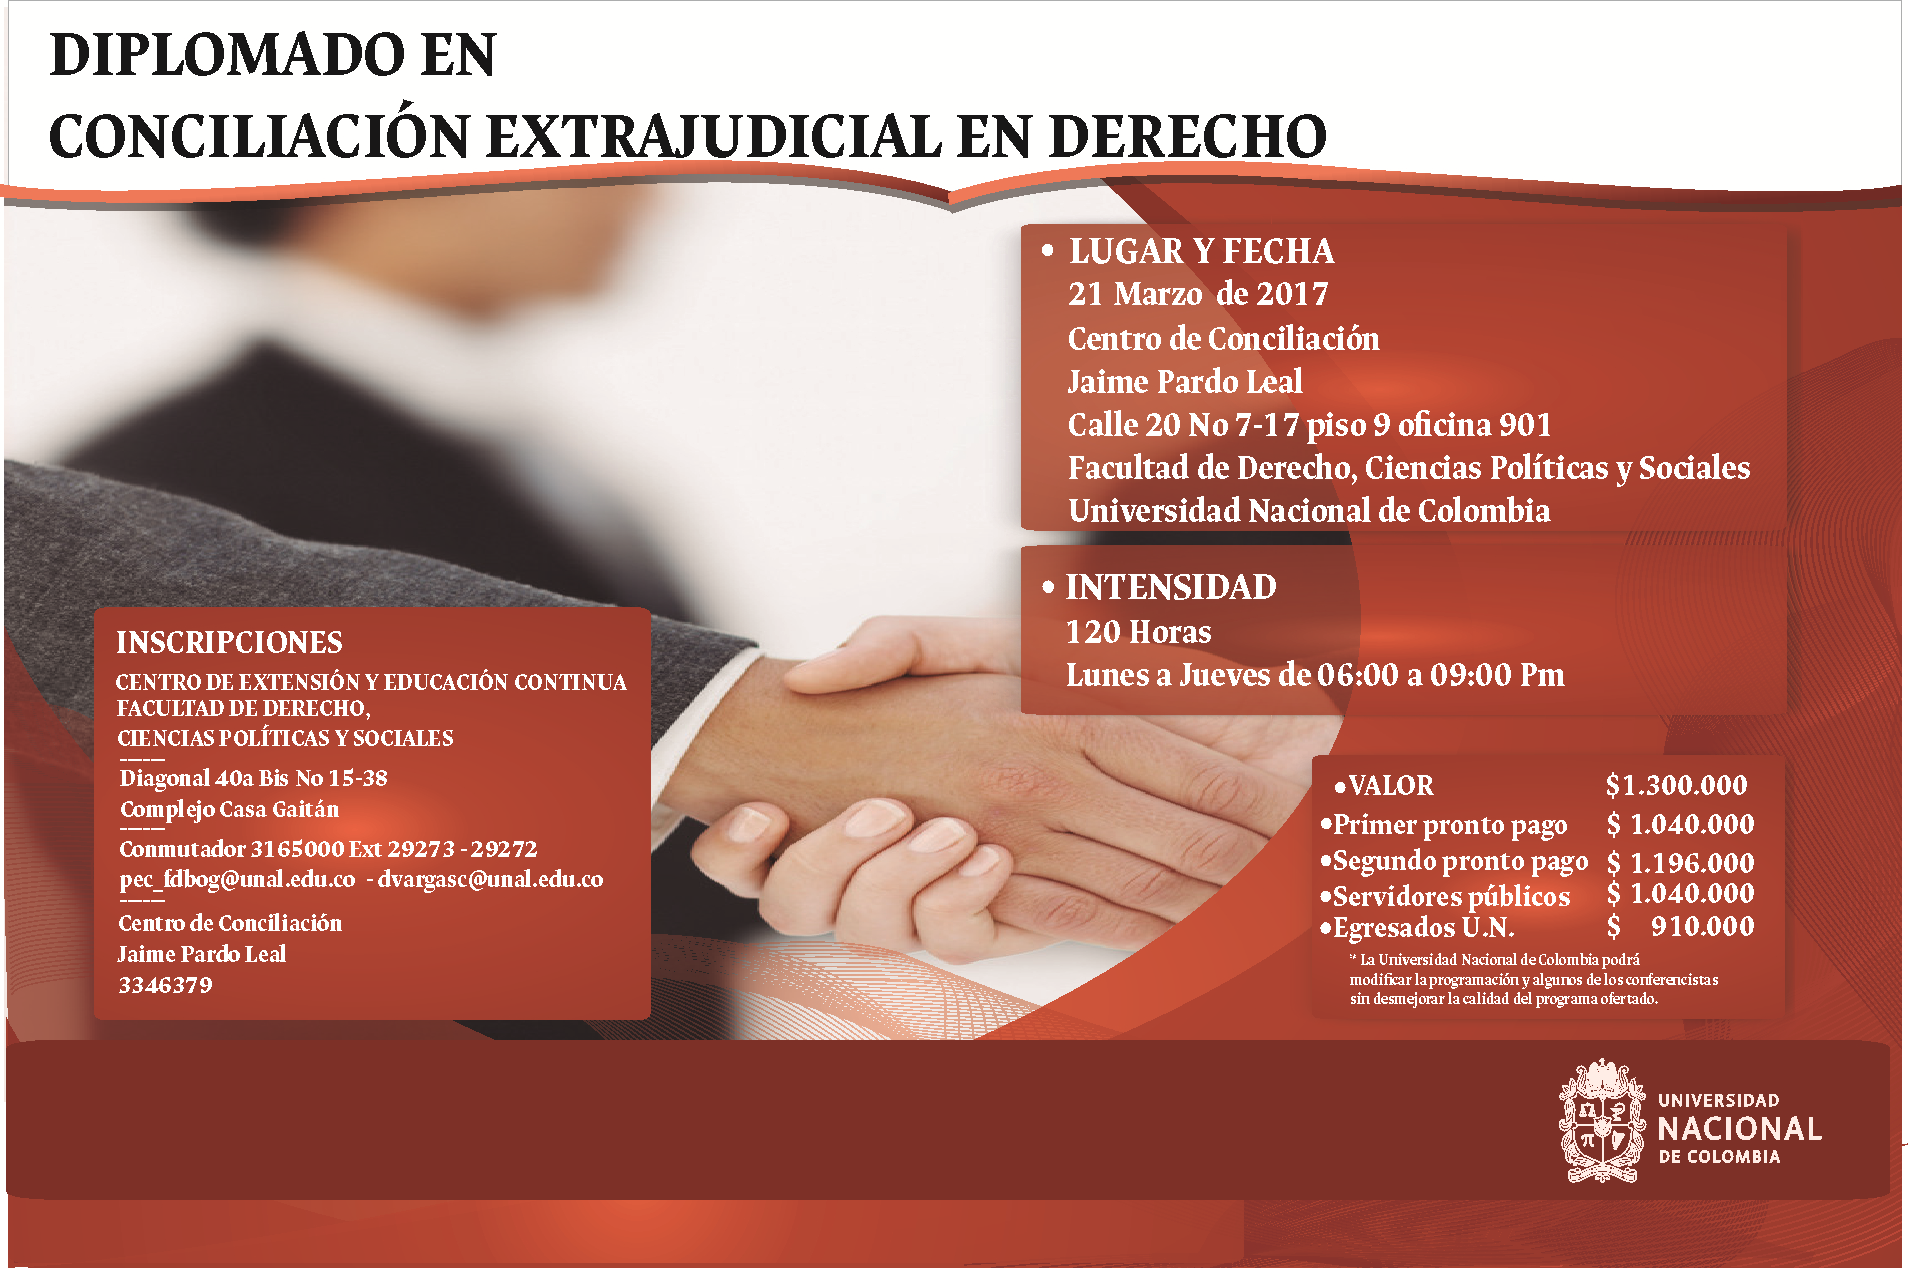 Diplomado en Conciliación en Derecho de la Universidad Nacional deColombia